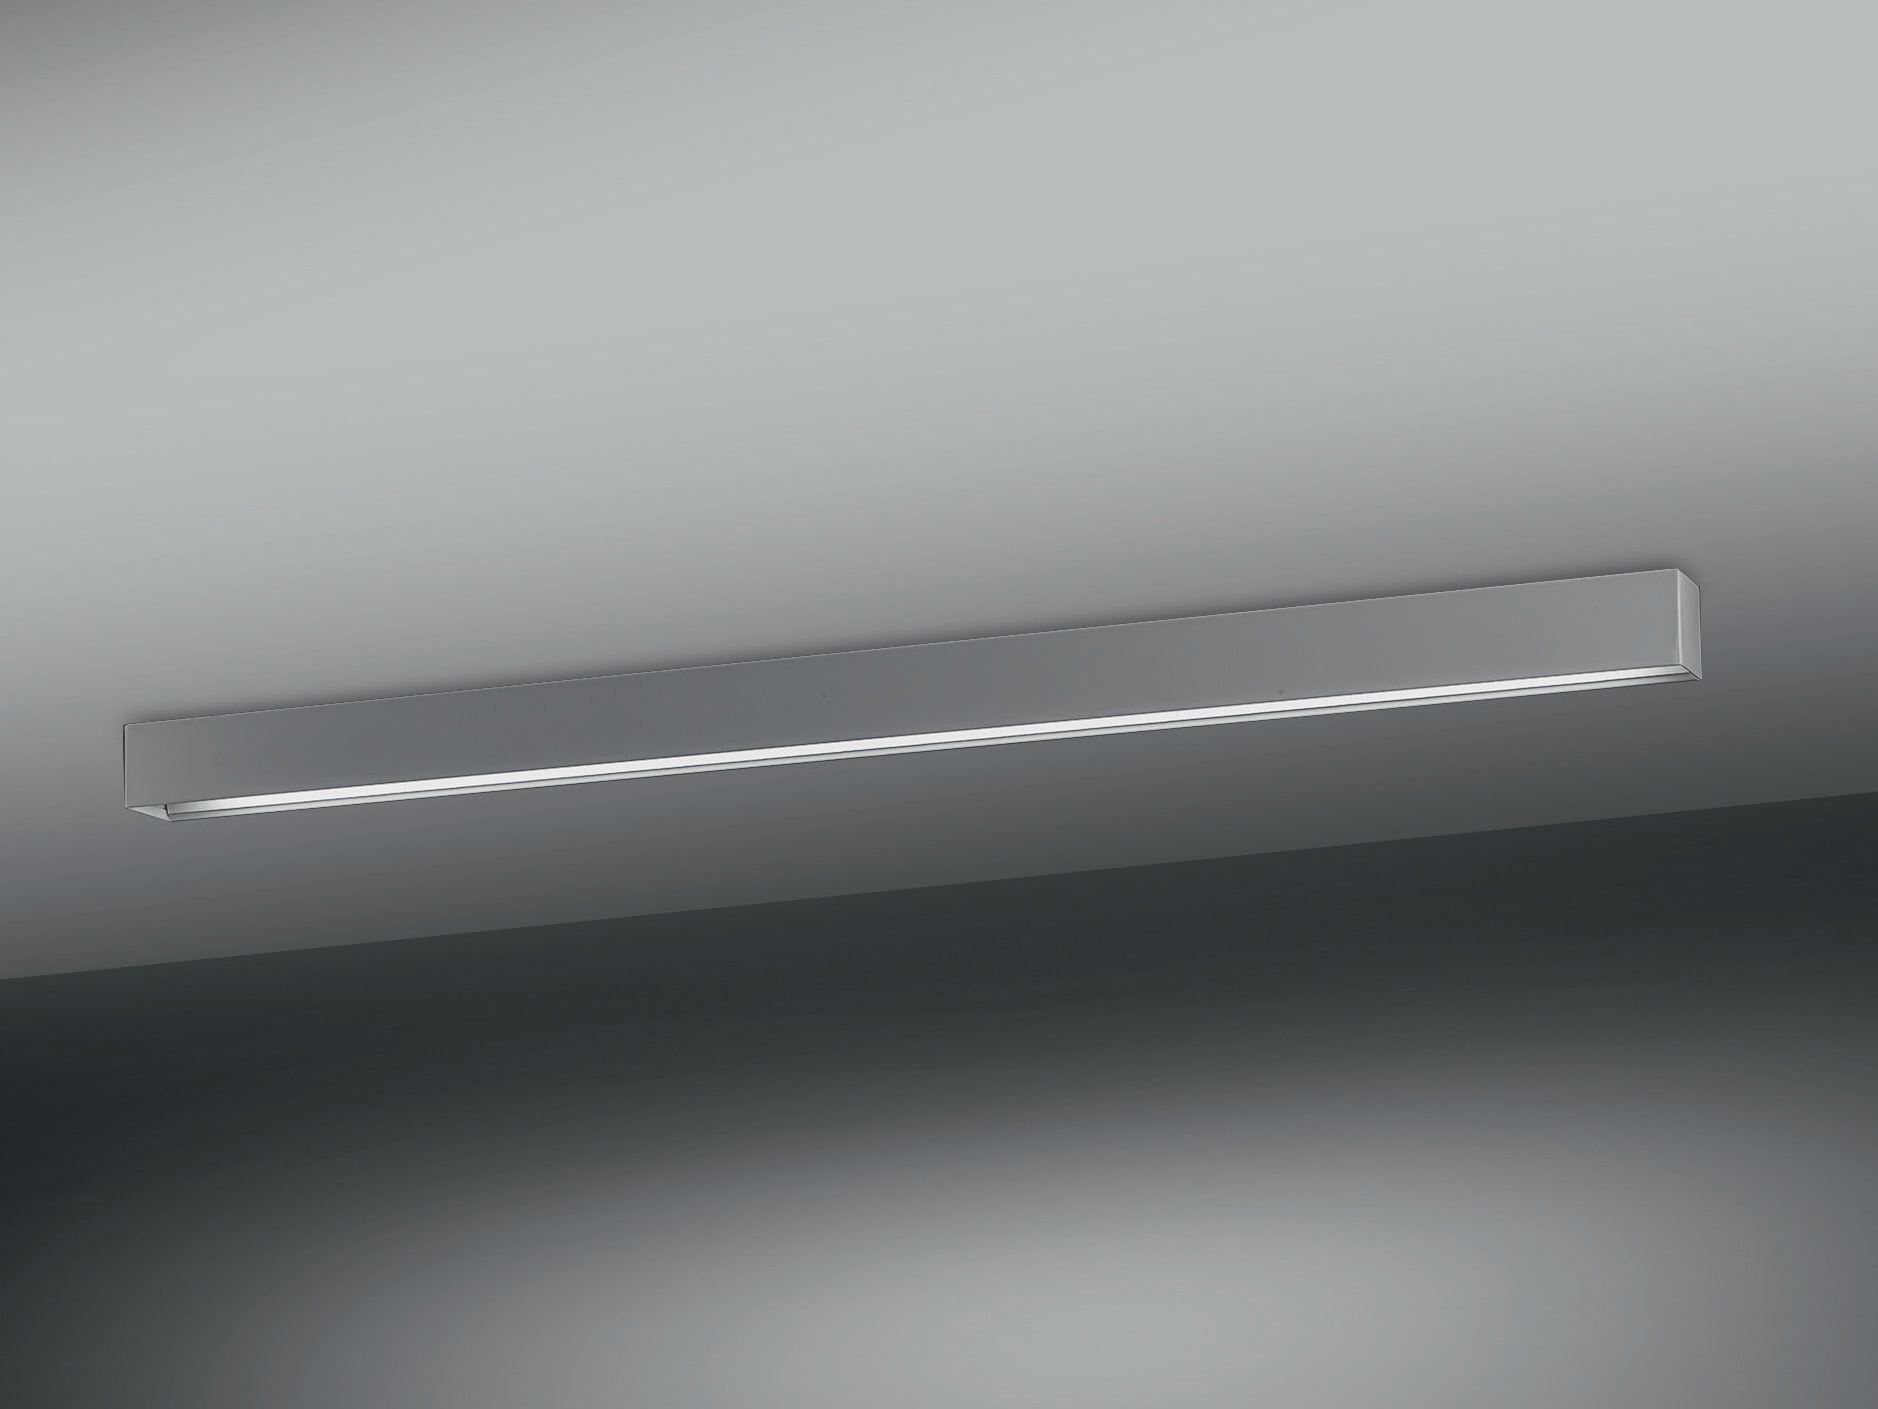 Retta lampada da soffitto by olev by clm illuminazione for Lampade a soffitto